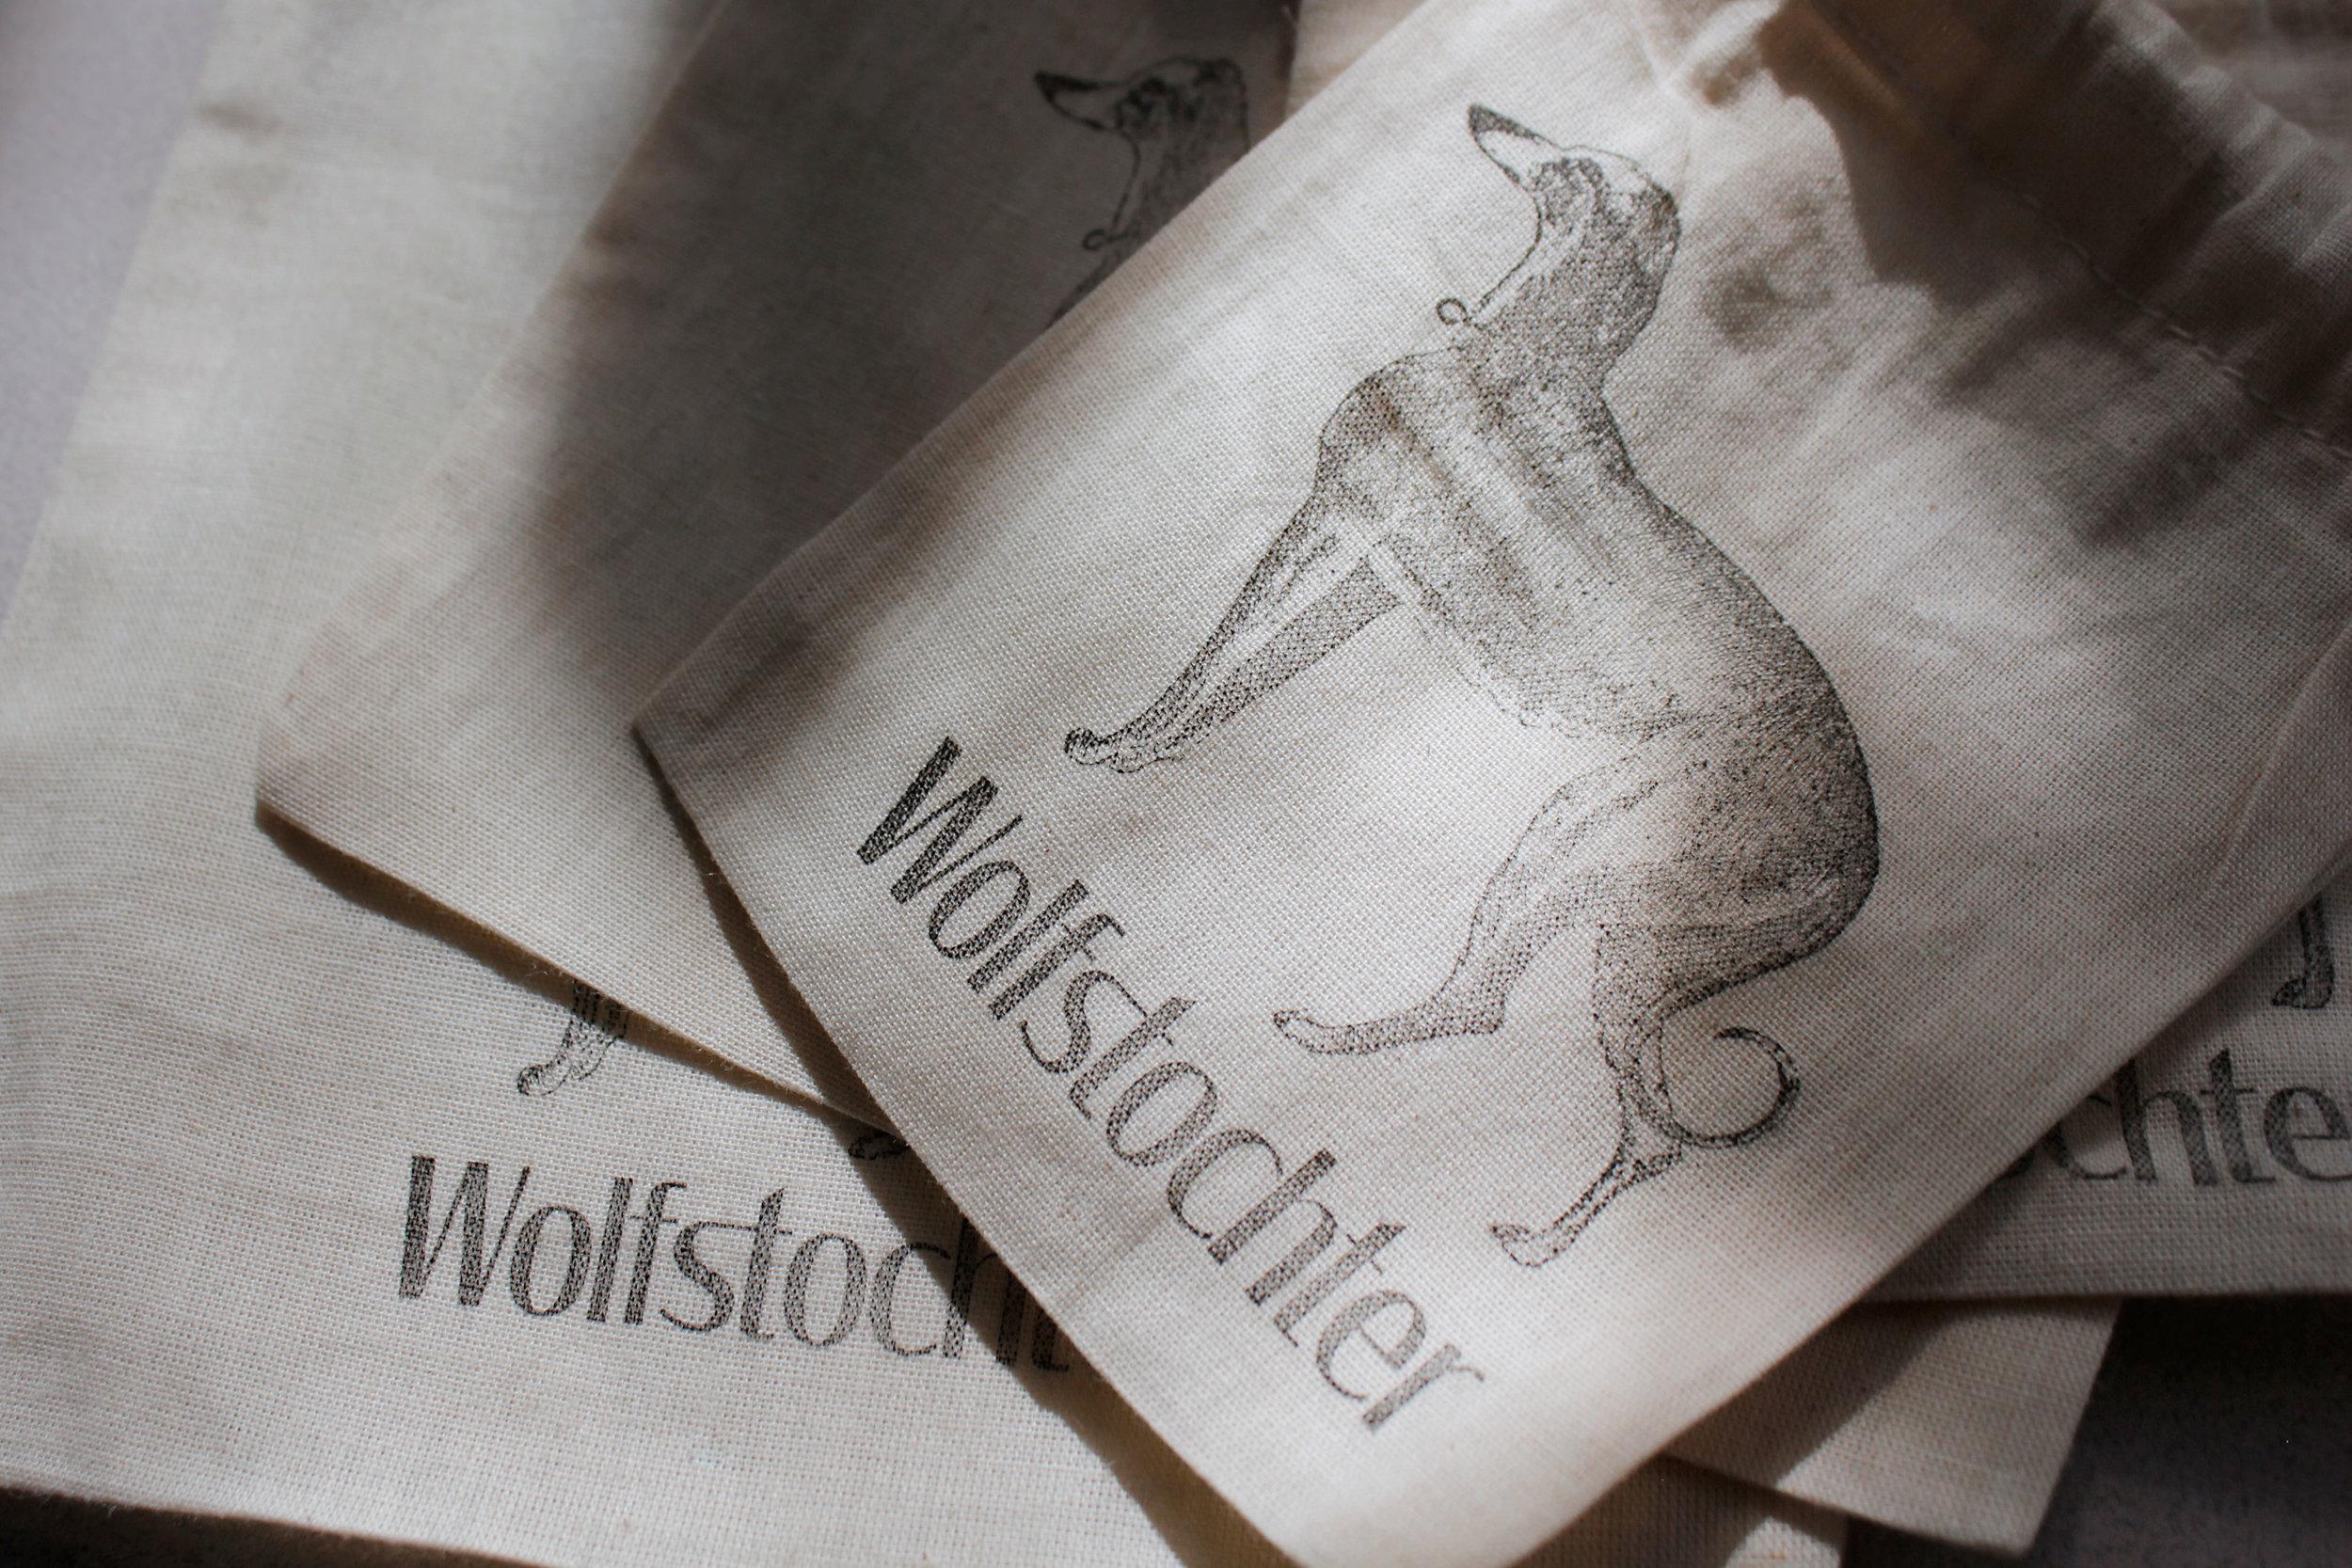 Wolfstochter_Studio_L_Livia_Ritthaler_bag.jpg